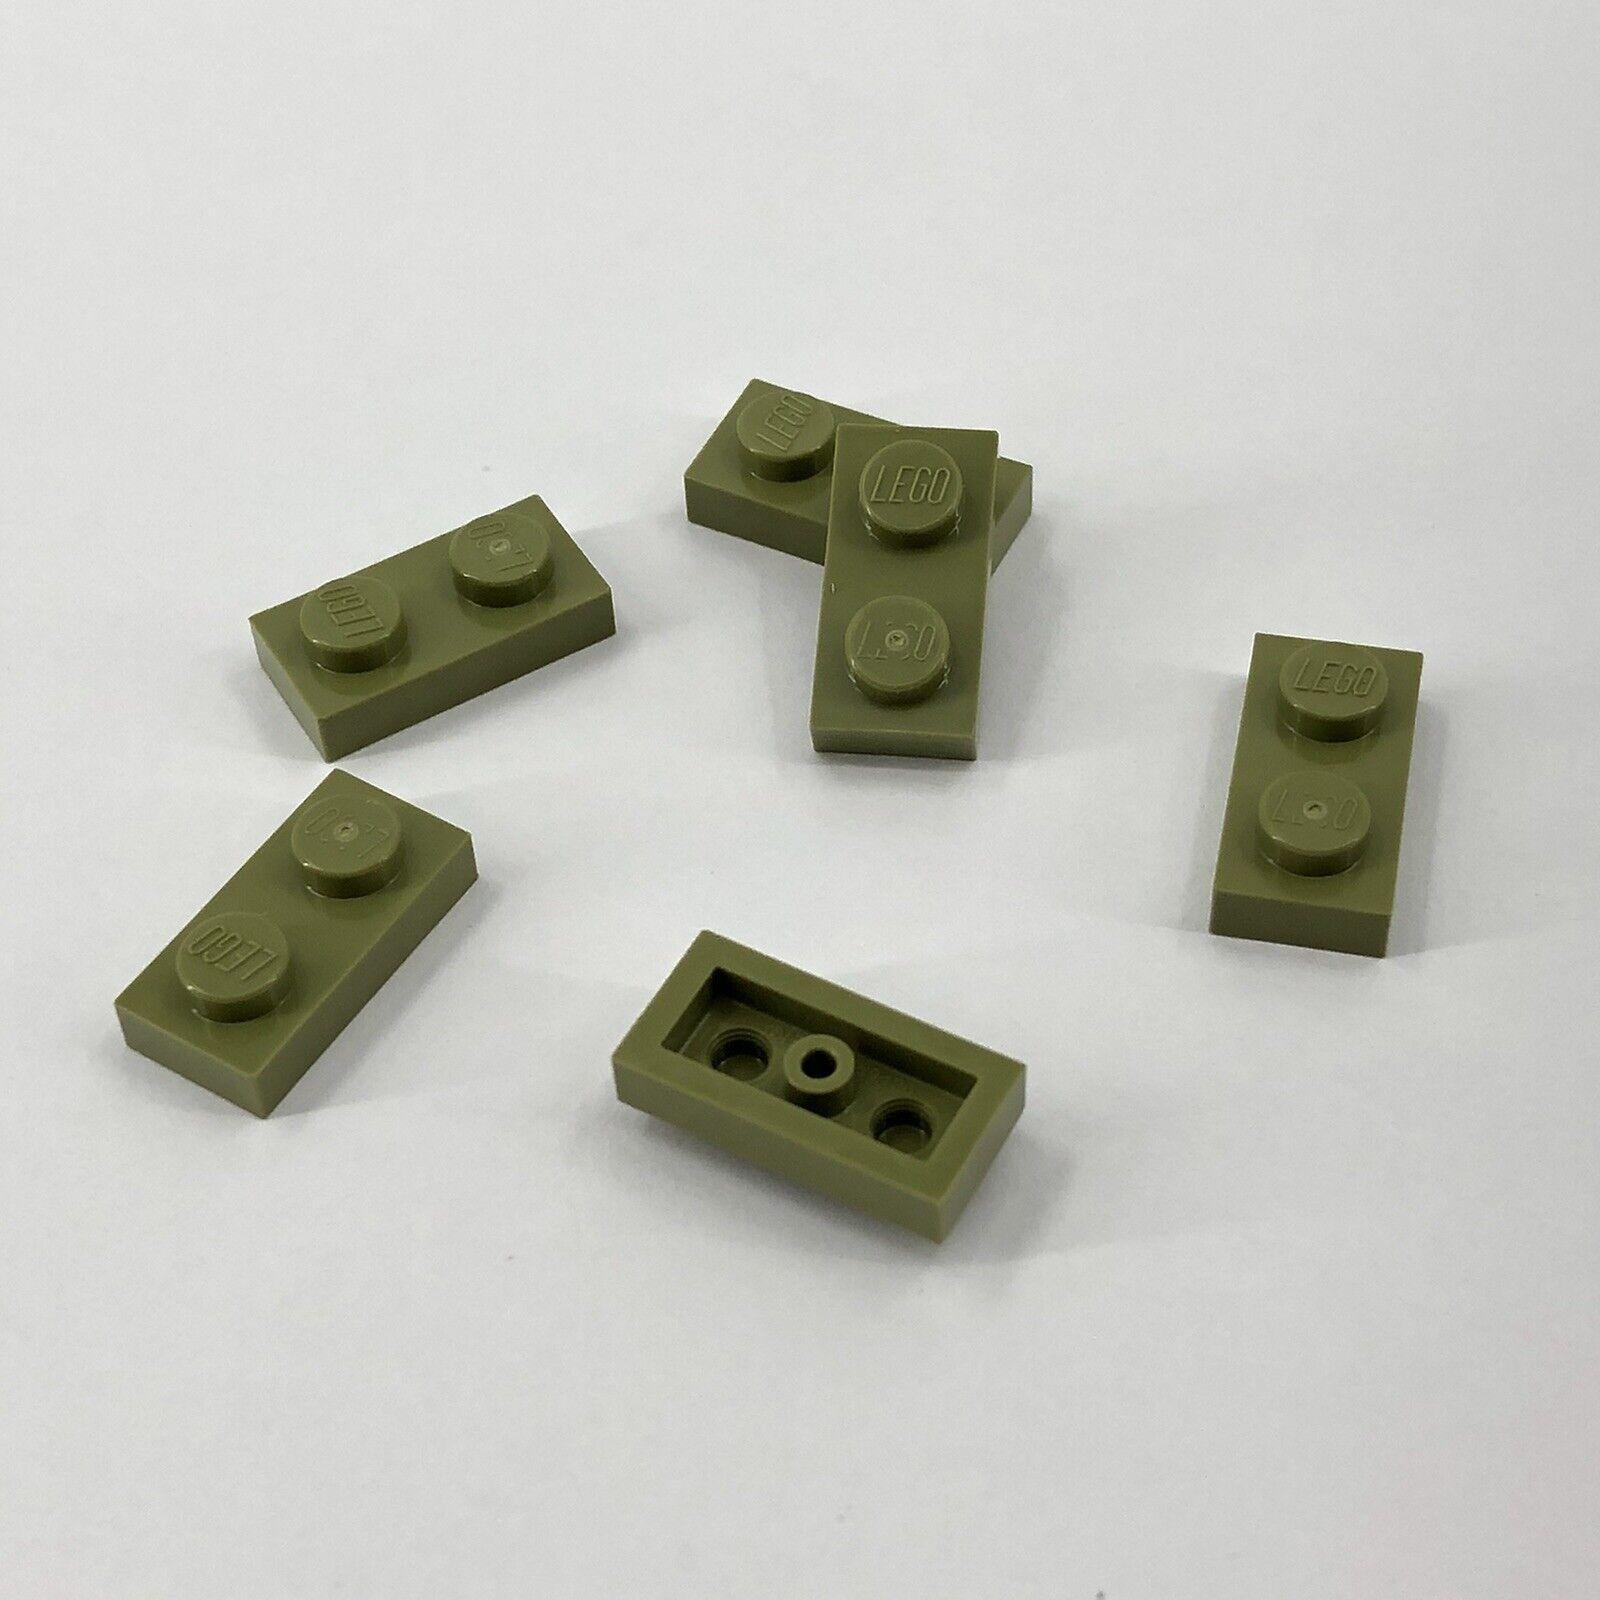 LEGO 20 X PIASTRA bauplatte 1x2 3023 Verde Oliva